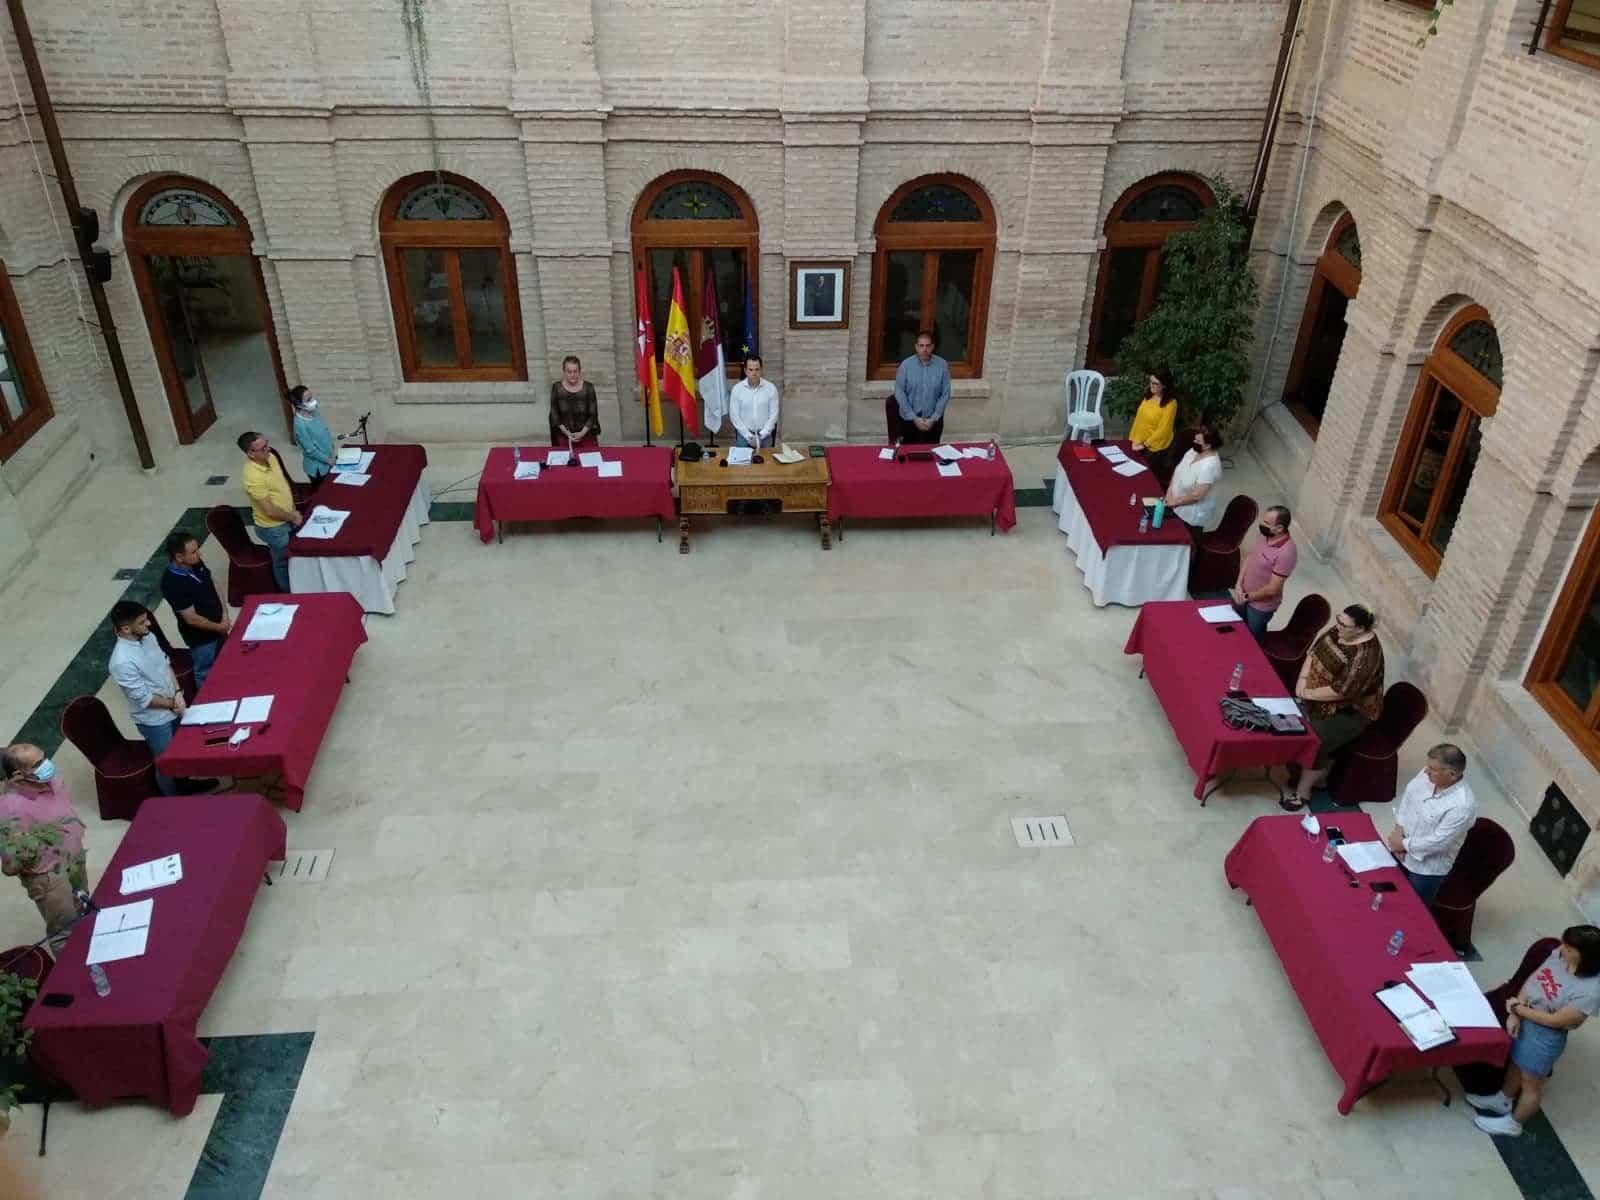 El pleno de Herencia comenzó con un minuto de silencio y aprobación de importantes medidas por unanimidad 3